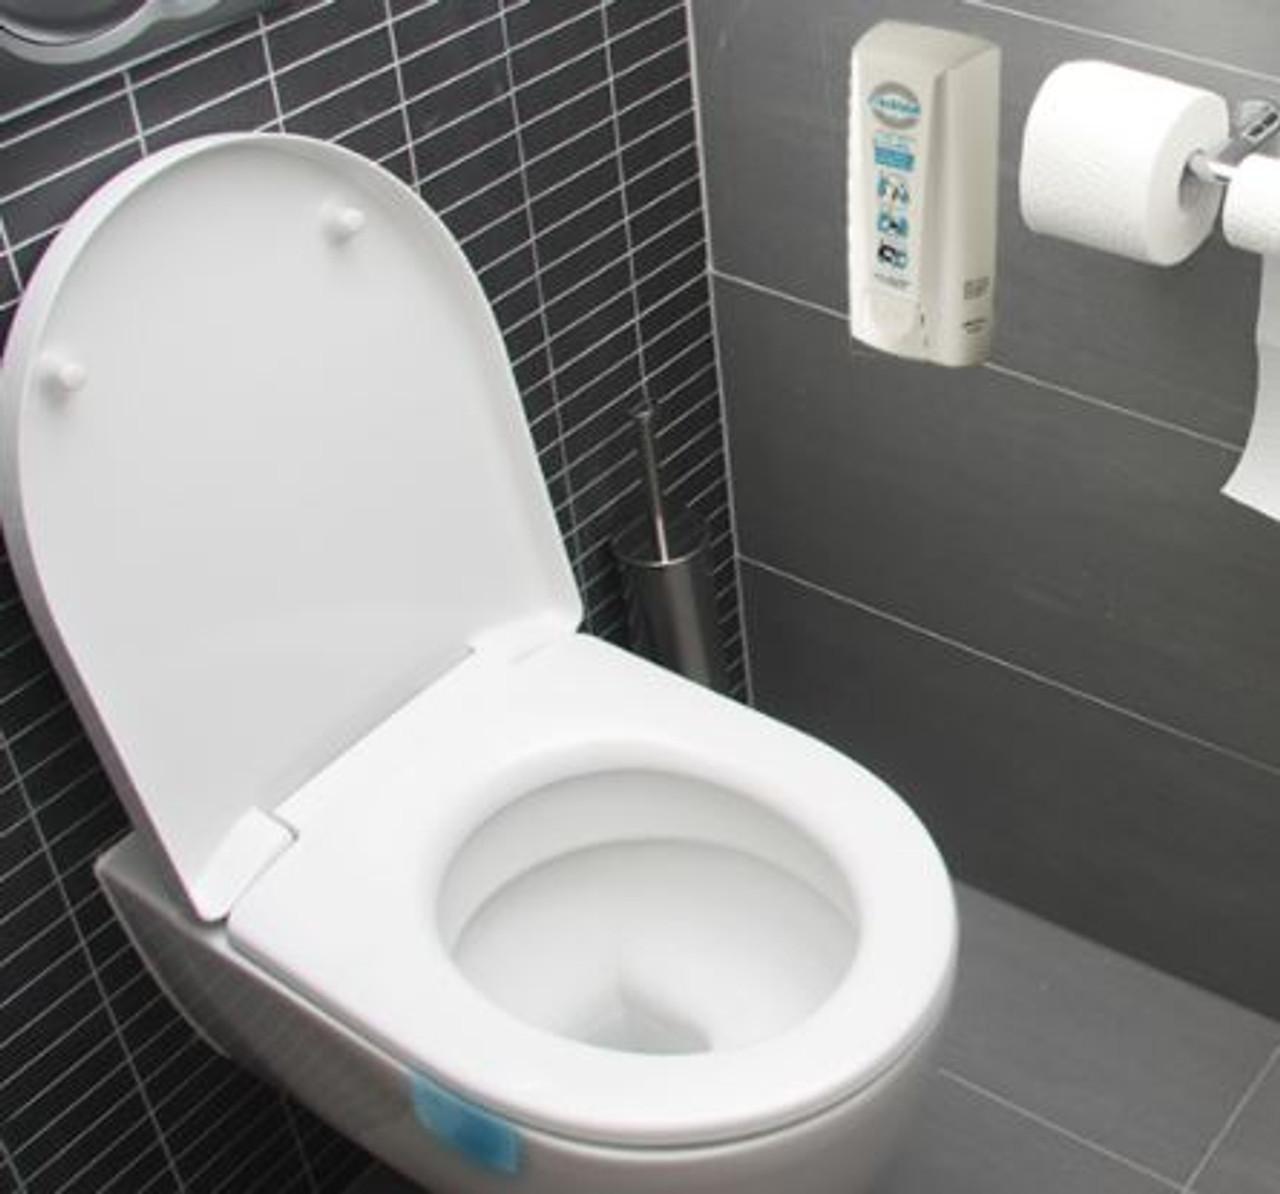 FreshSeat Foam Dispenser - Get Clean Public Toilet Seats!